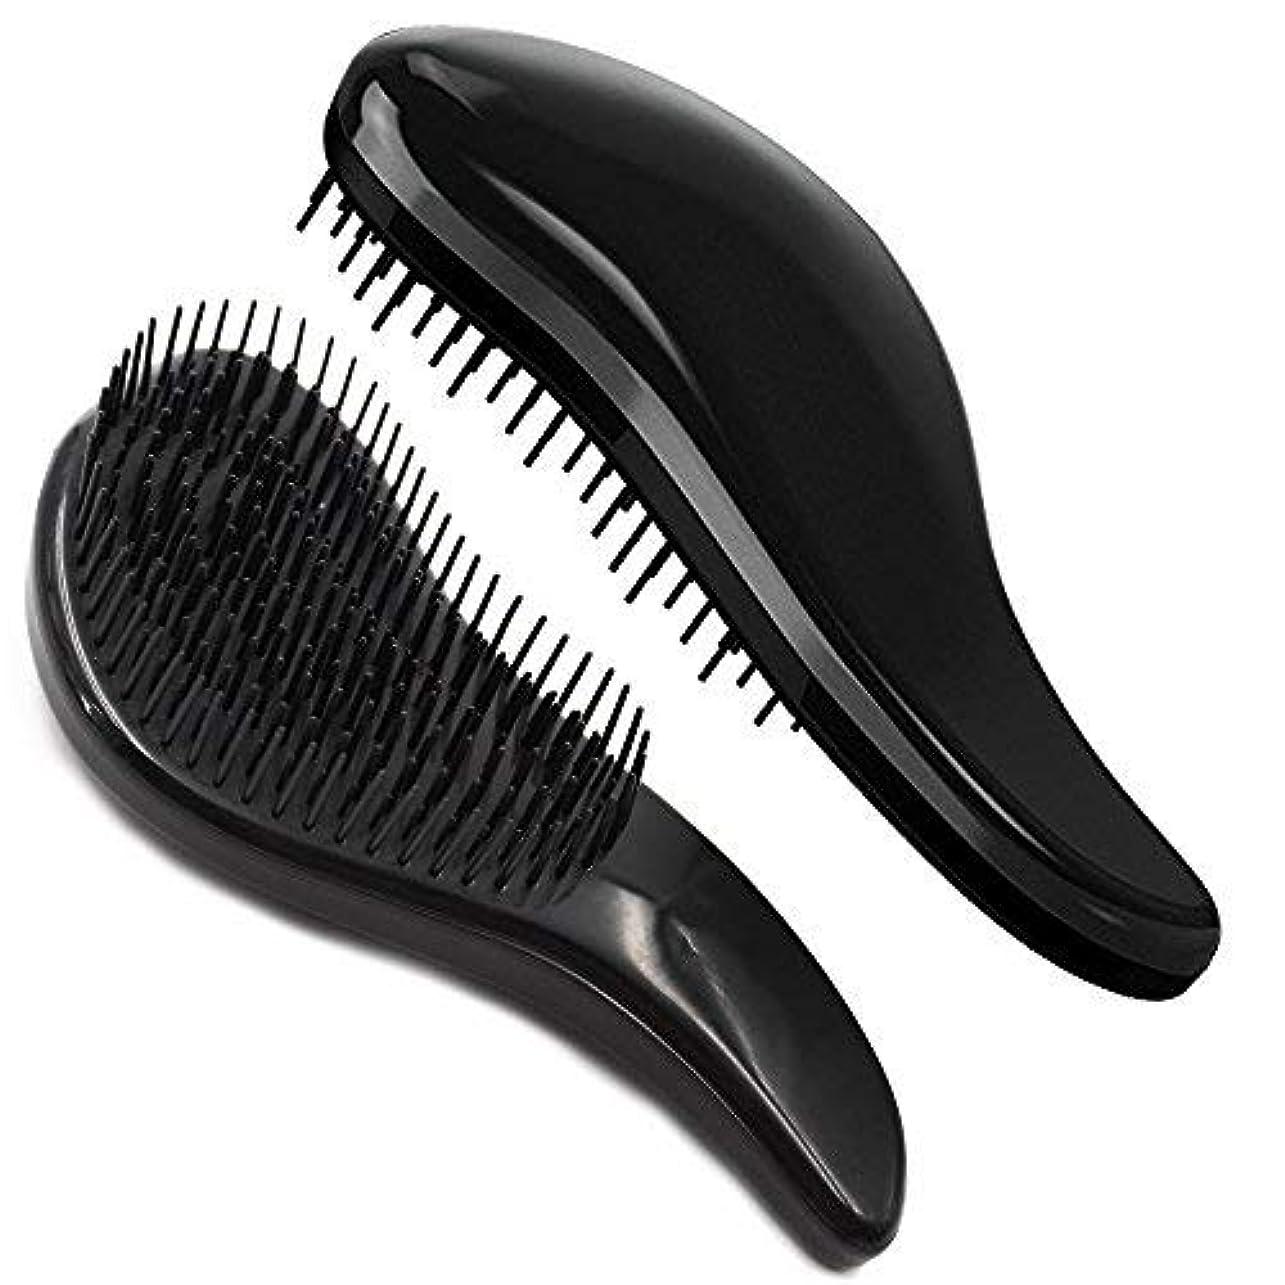 薄暗い類似性お互いBrush Master Detangler Hair Comb Hair Brush for Wet Hair Curly Hair Straight Hair for Women Men Kids Black [並行輸入品]